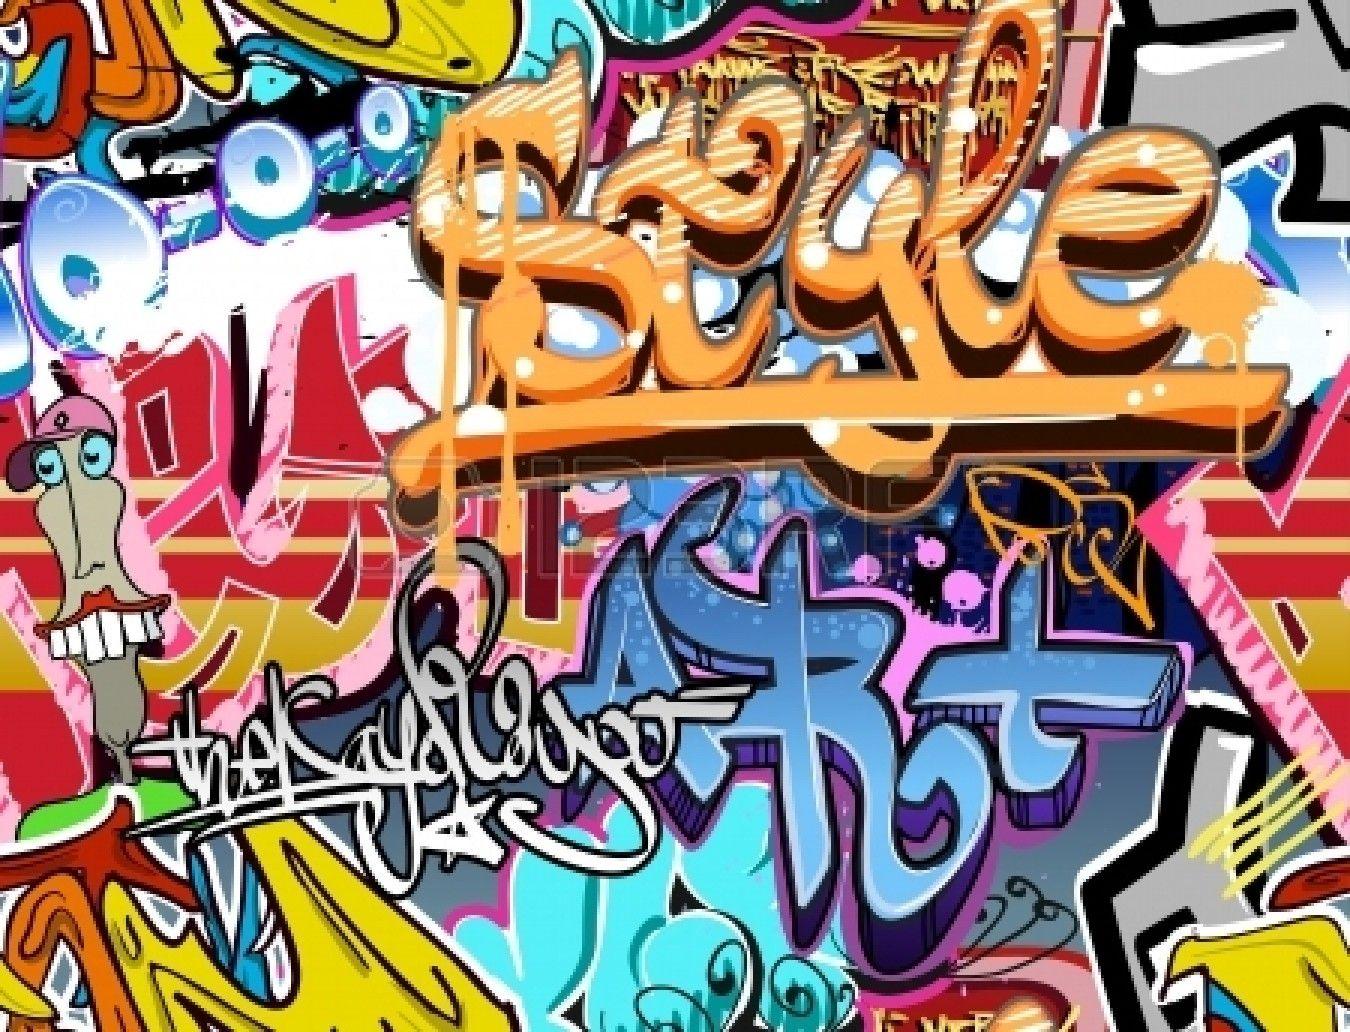 Graffiti wall decal - Graffiti Wall Urban Art Vector Background Seamless Hip Hop Texture